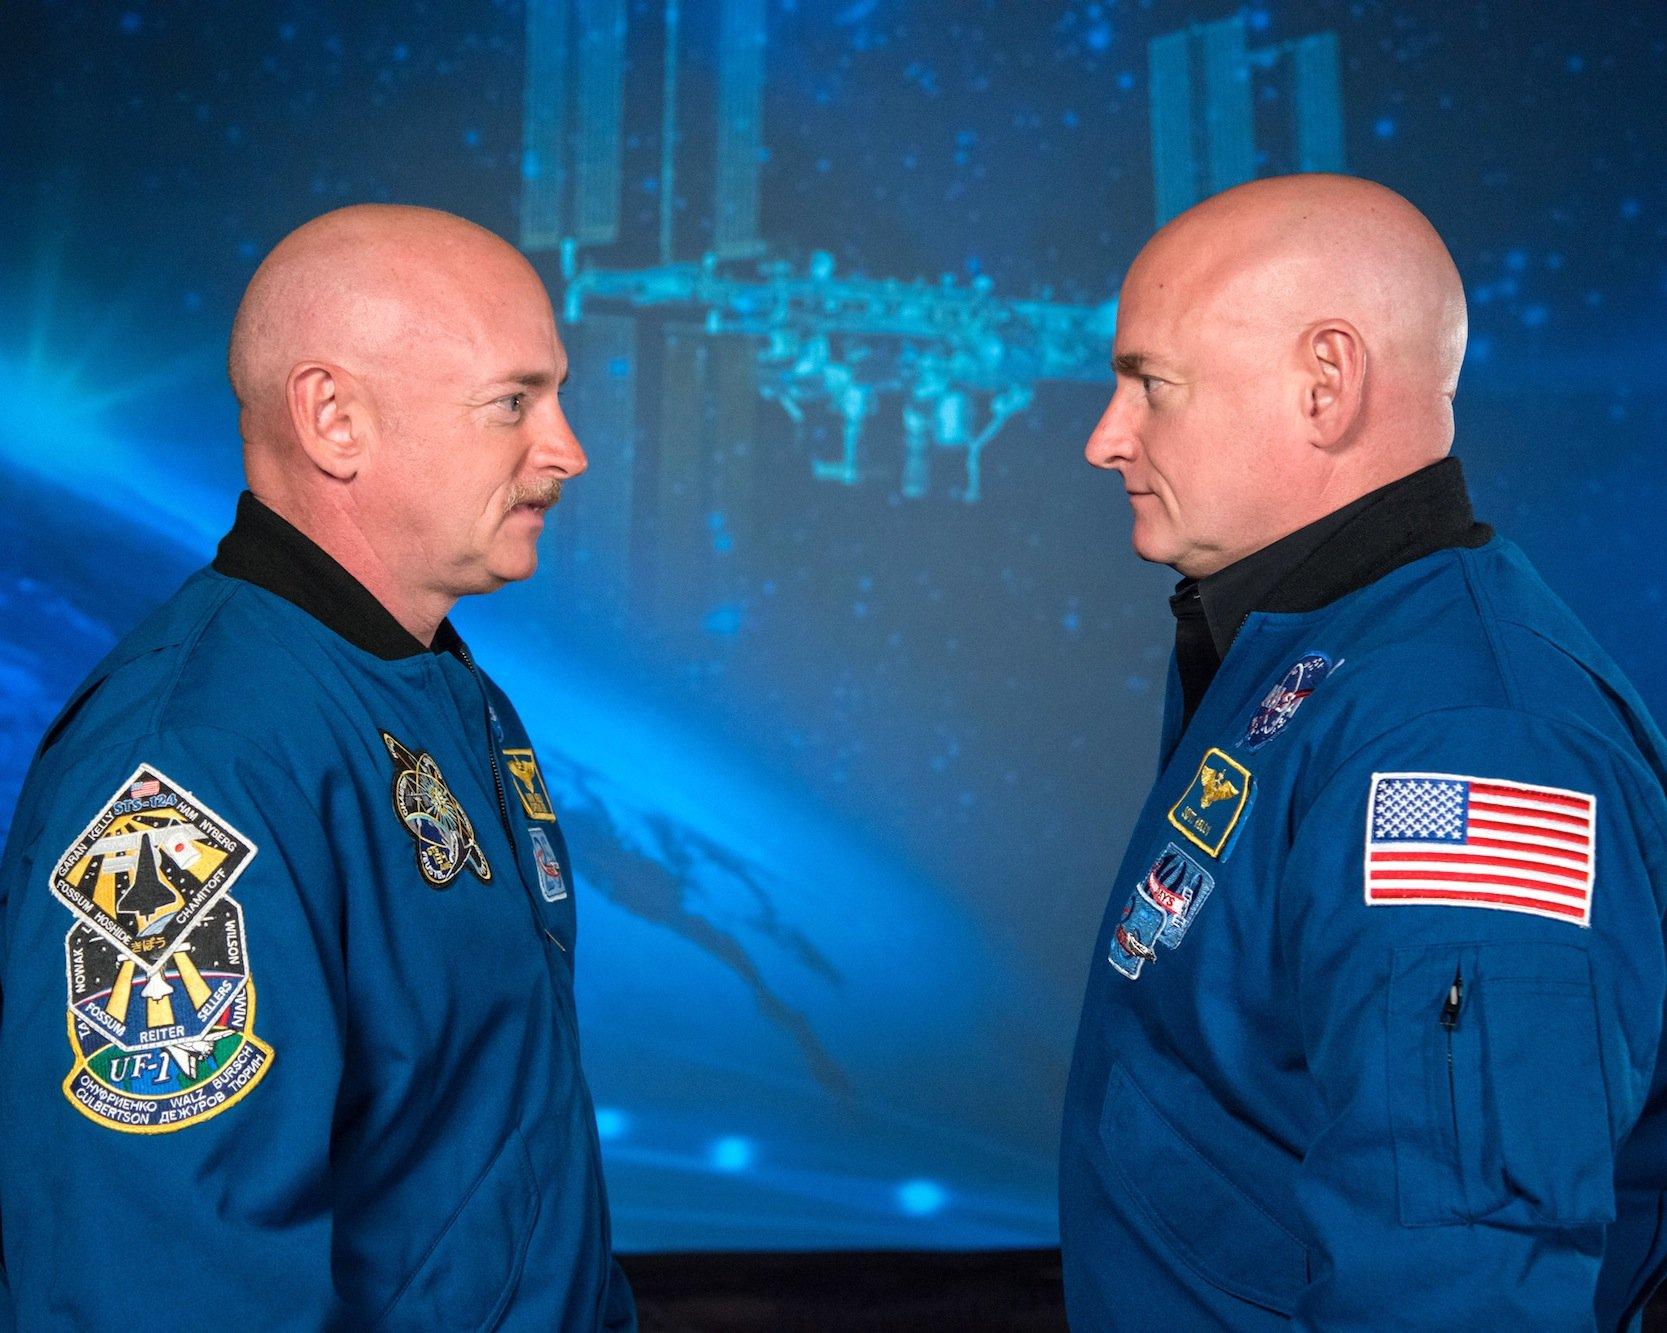 Die eineiigen Zwillinge und Nasa-Astronauten Mark und Scott Kelly.